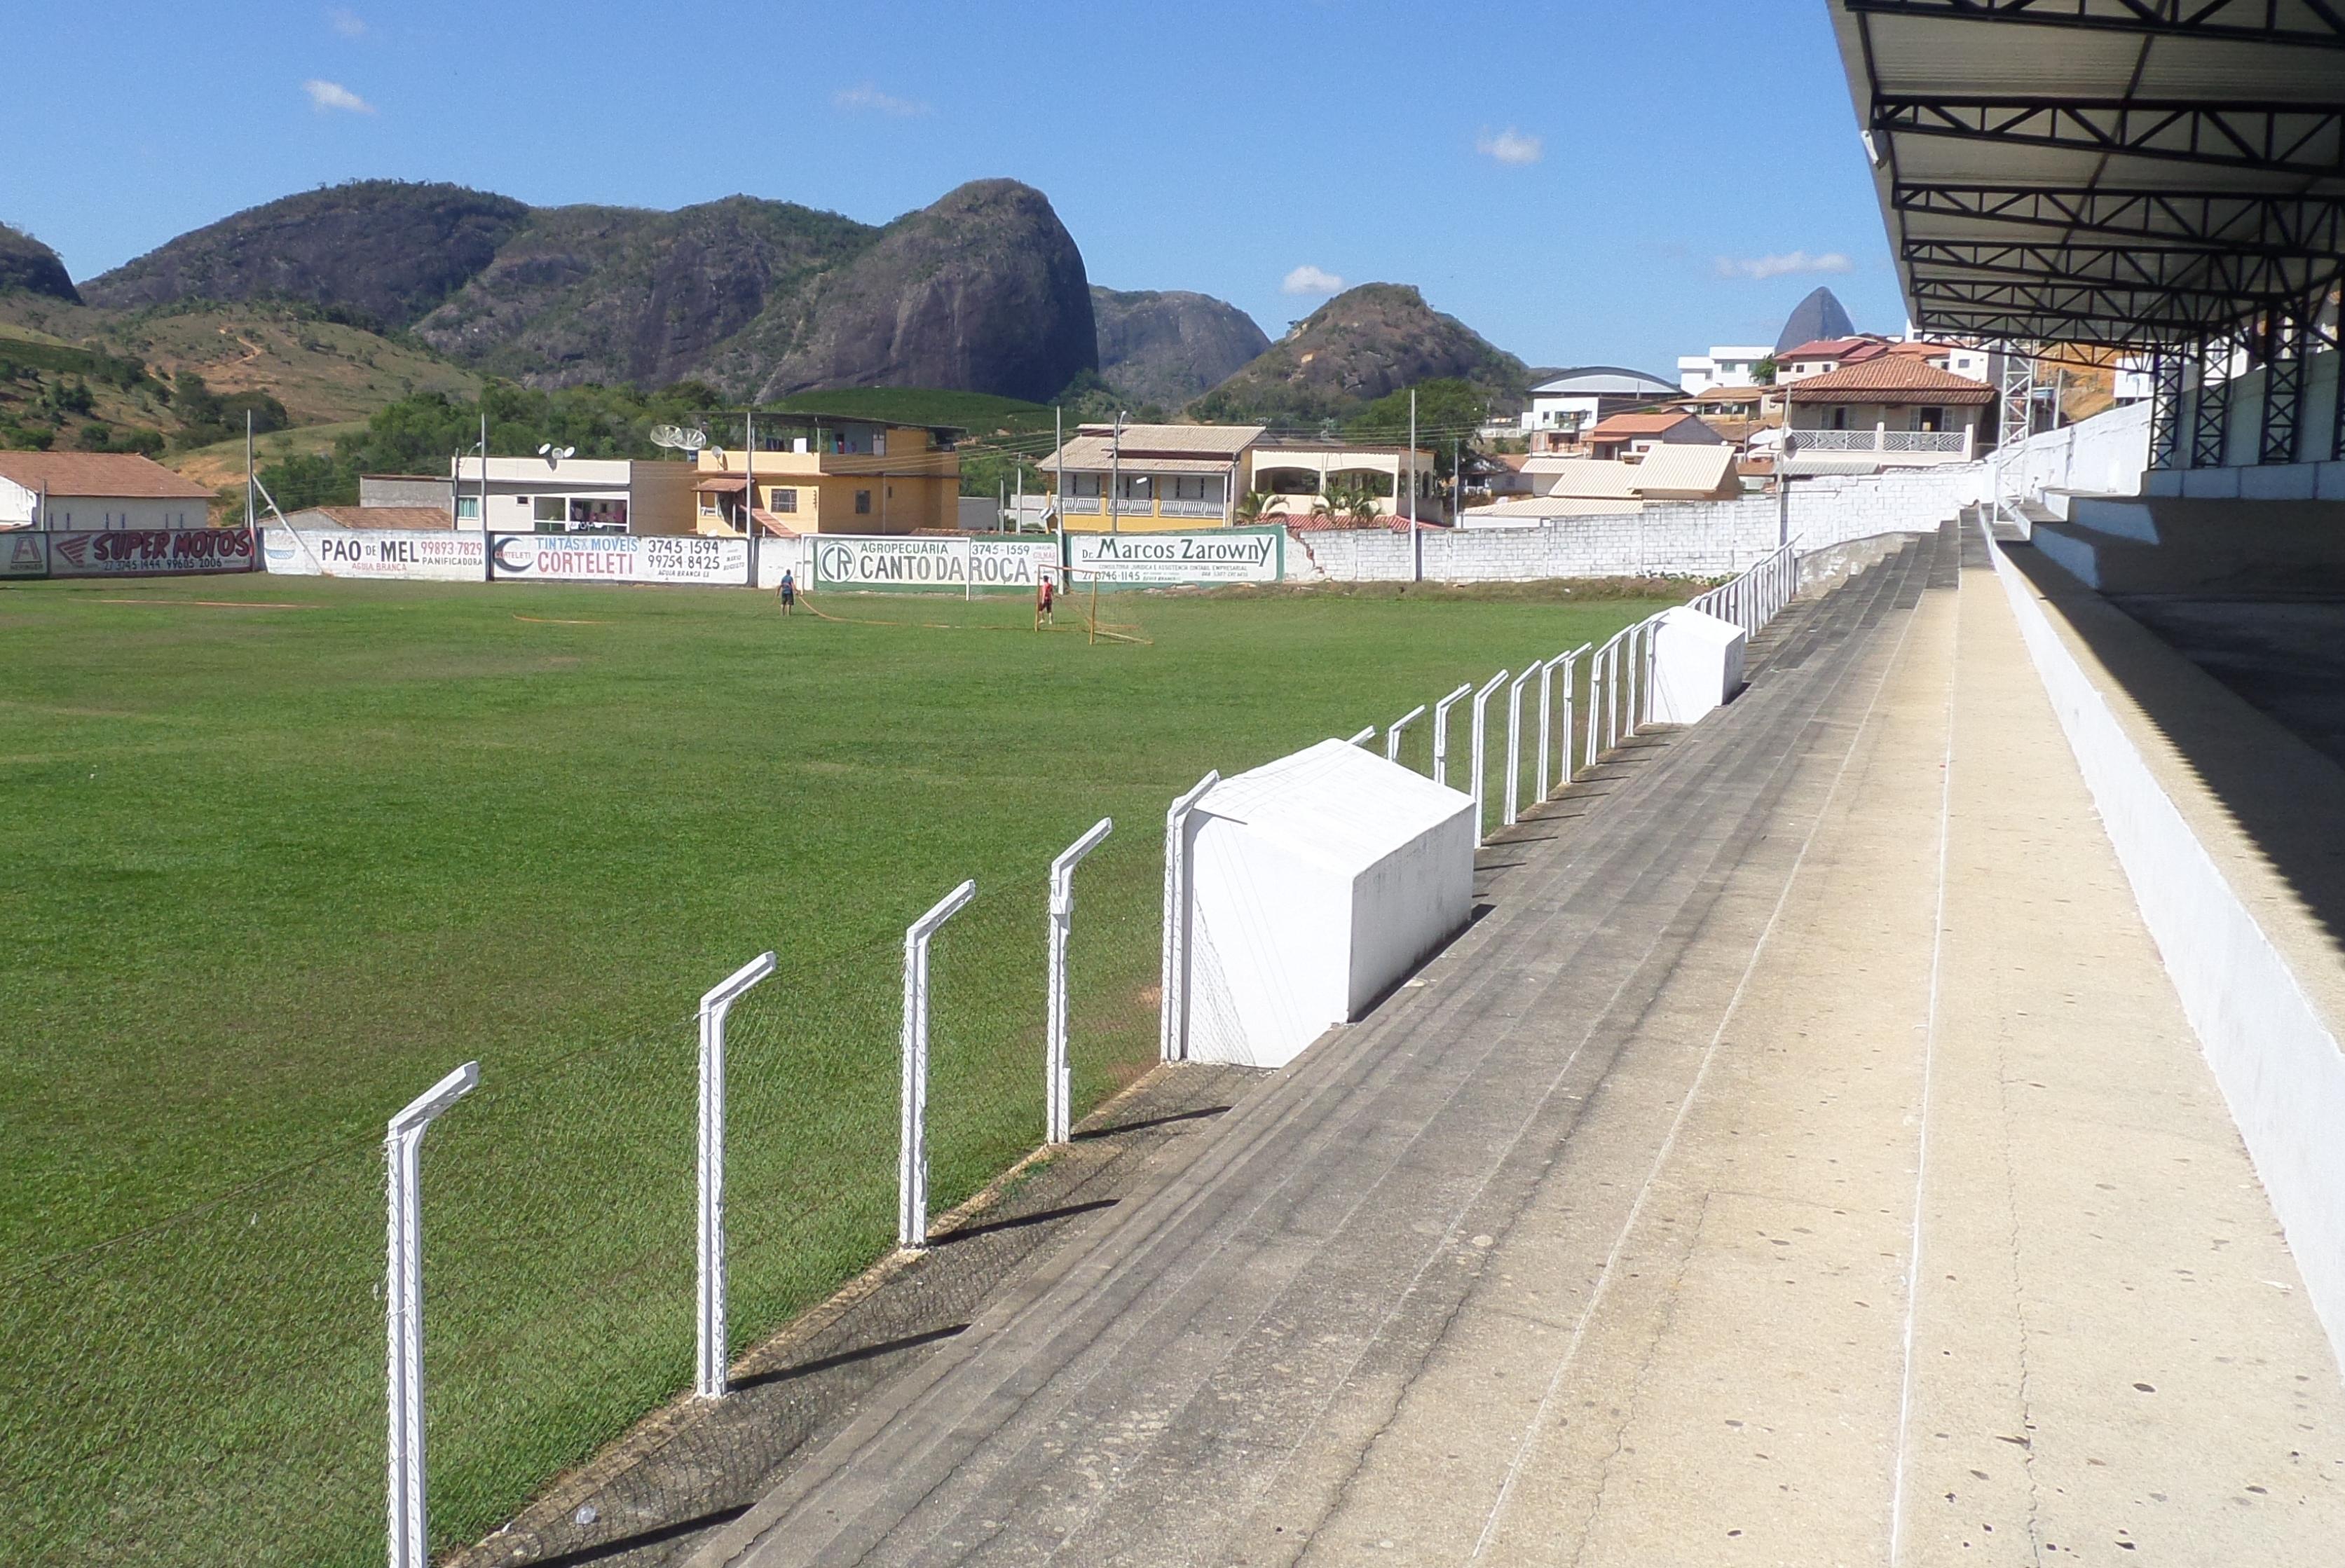 GUARANY - Nova diretoria planeja obras para o estádio